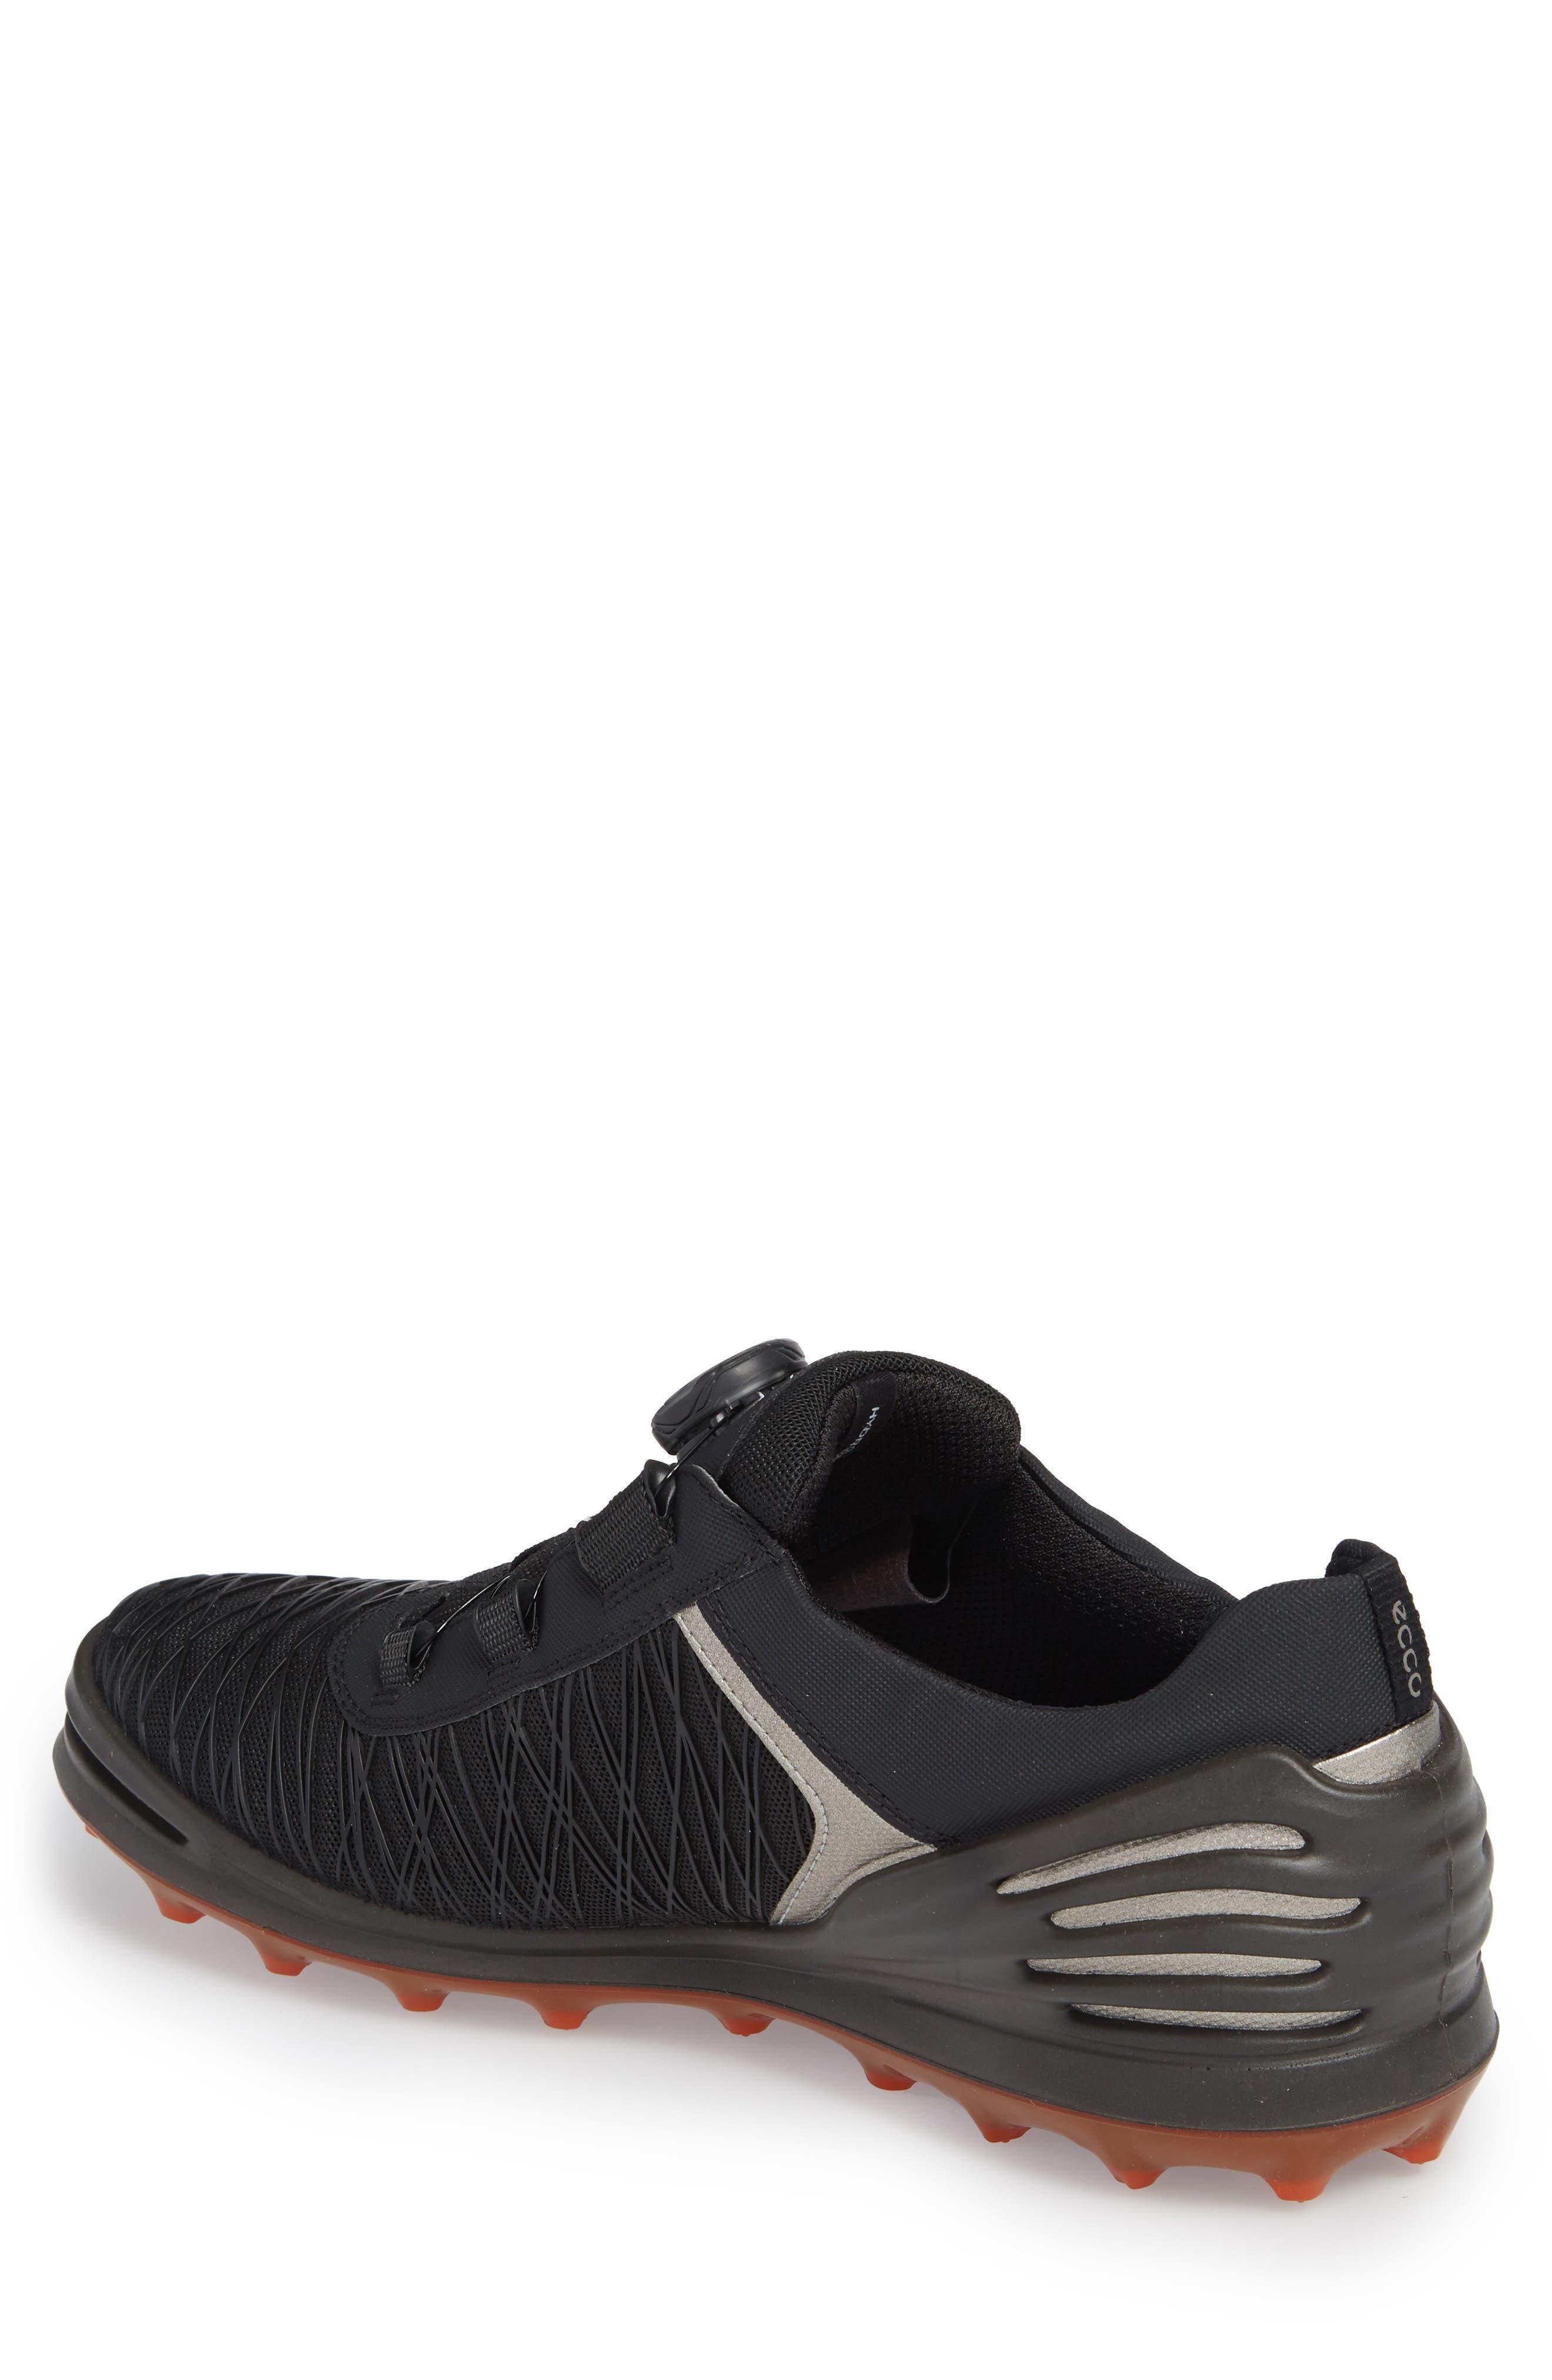 Alternate Image 2  - ECCO Cage Pro BOA Golf Shoe (Men)